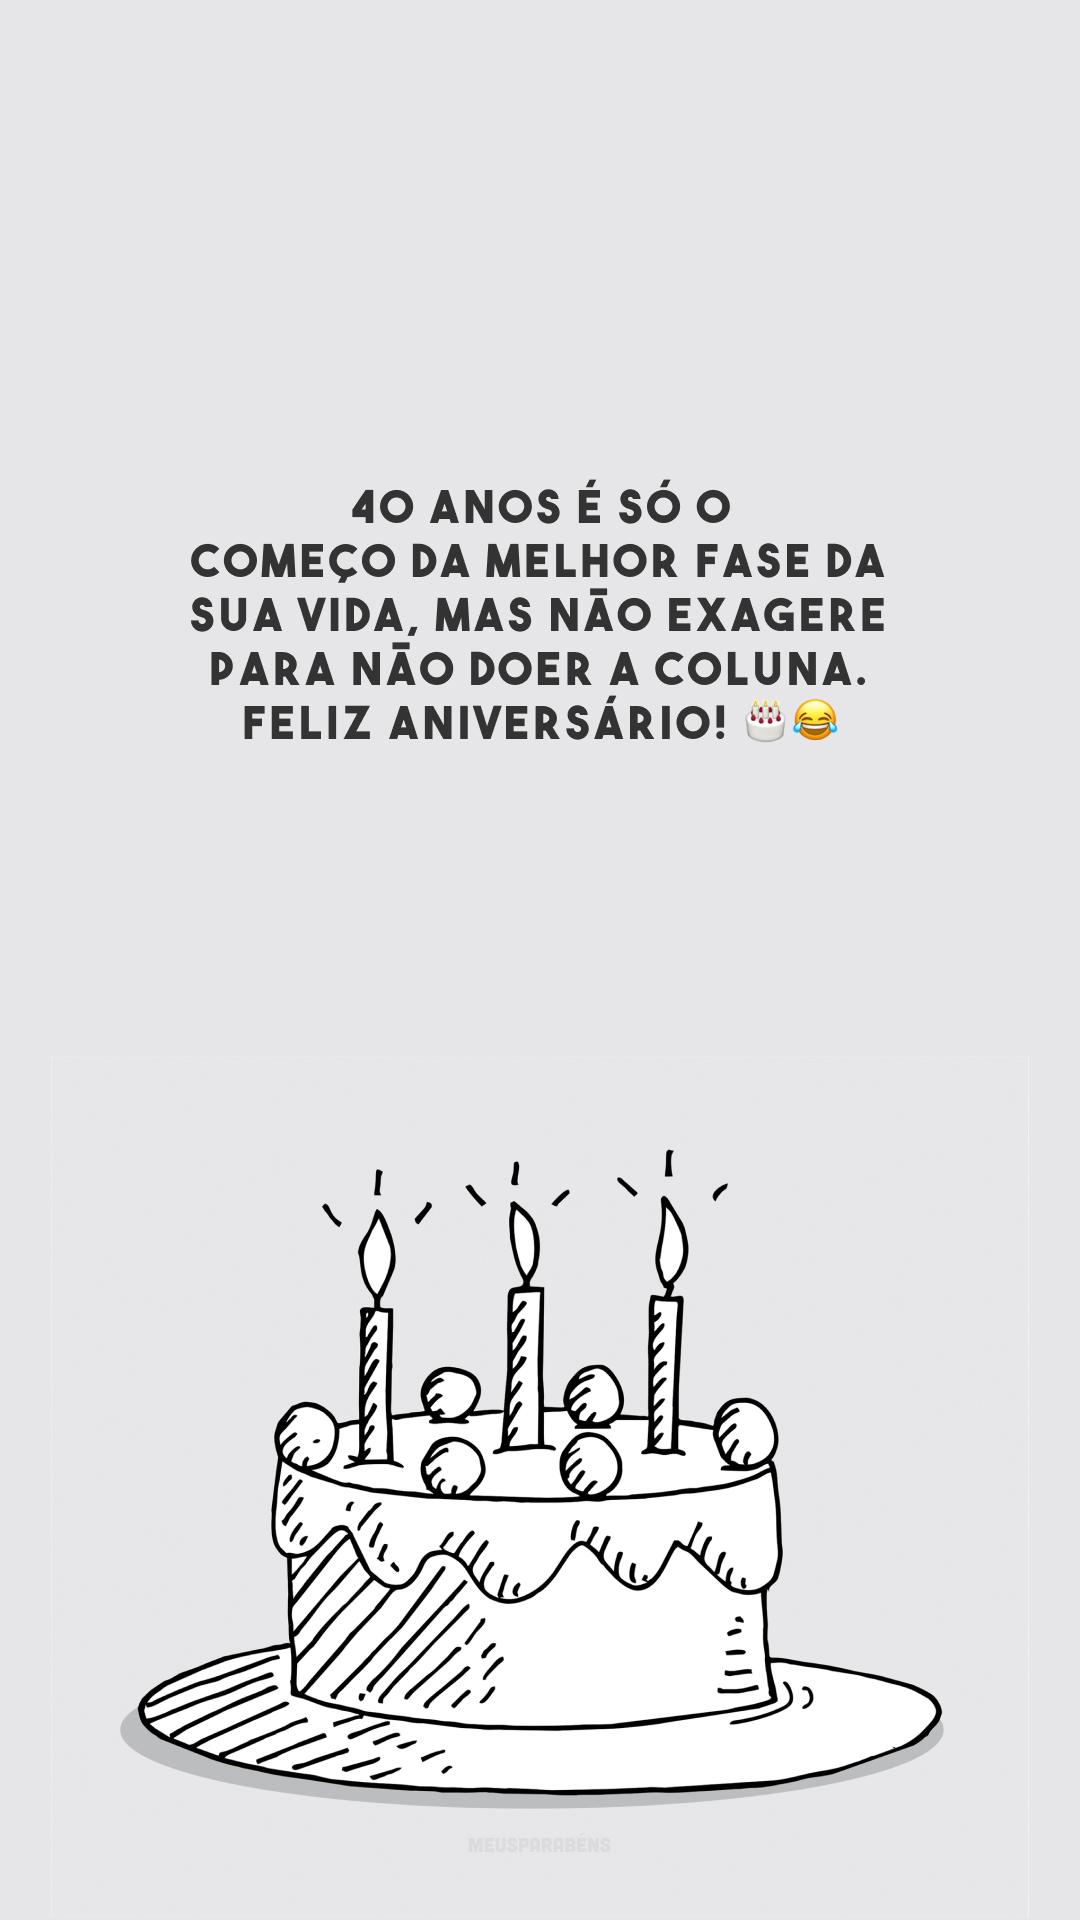 40 anos é só o começo da melhor fase da sua vida, mas não exagere para não doer a coluna. Feliz aniversário! 🎂😂